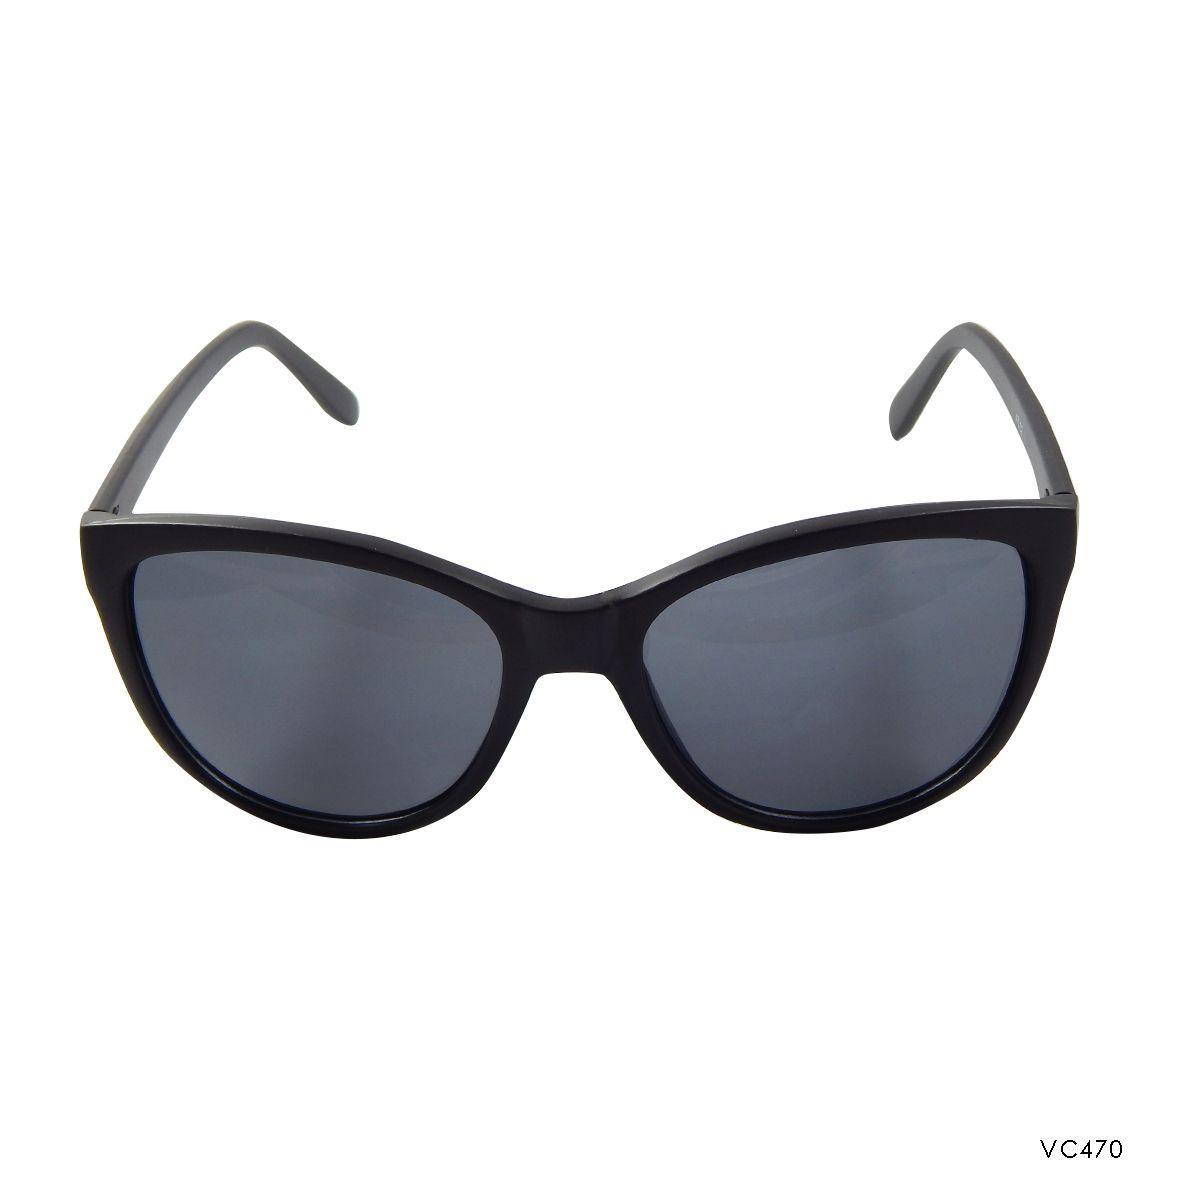 e118f9b11 Oculos triton feminino vc470 - Óculos de sol feminino - Magazine Luiza